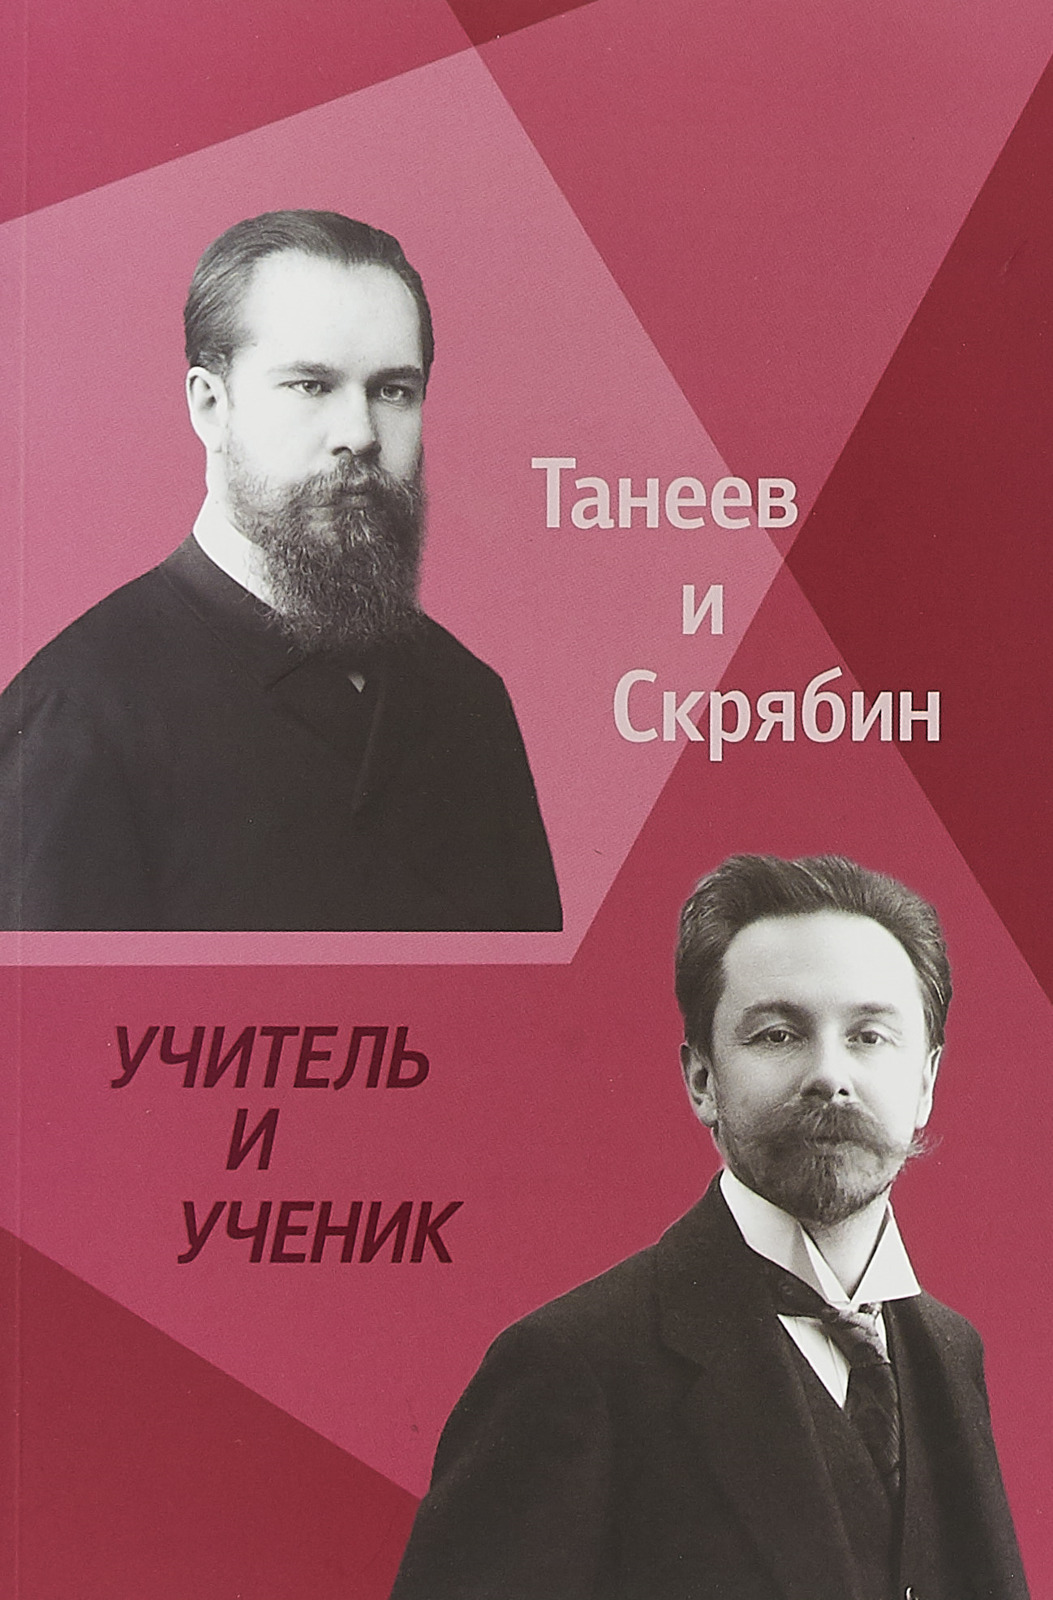 лучшая цена Александра Скрябин,Сергей Танеев С. И. Танеев и А. Н. Скрябин. Учитель и Ученик